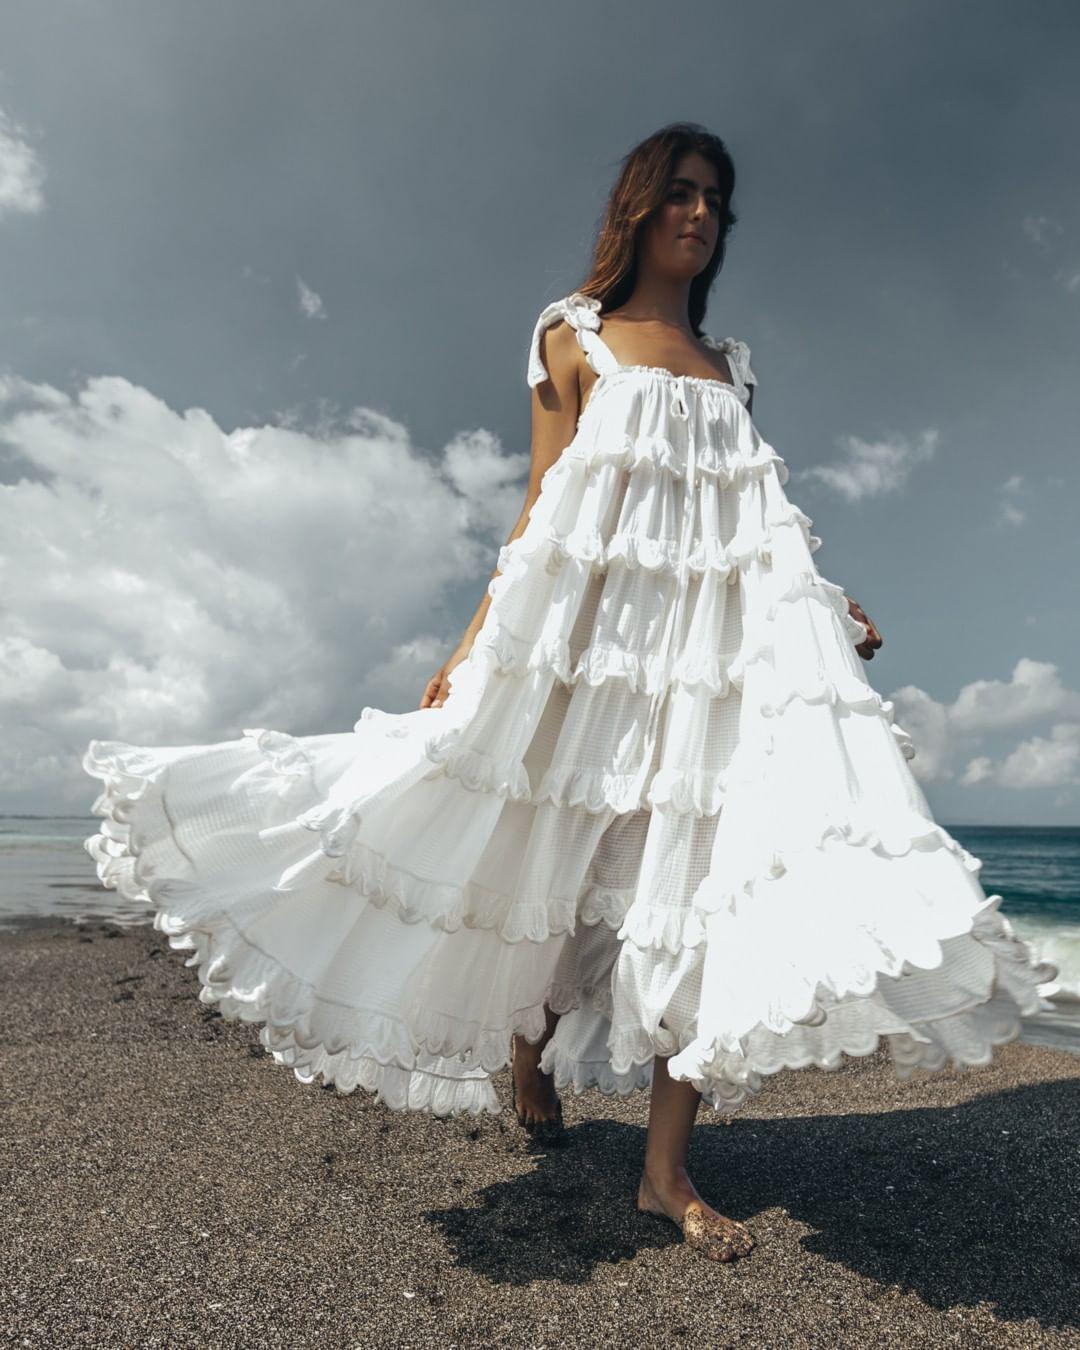 27 Maxi Beach Dresses To Wear This Summer Beach Maxi Dress Girls White Dress Beach Dresses [ 1350 x 1080 Pixel ]